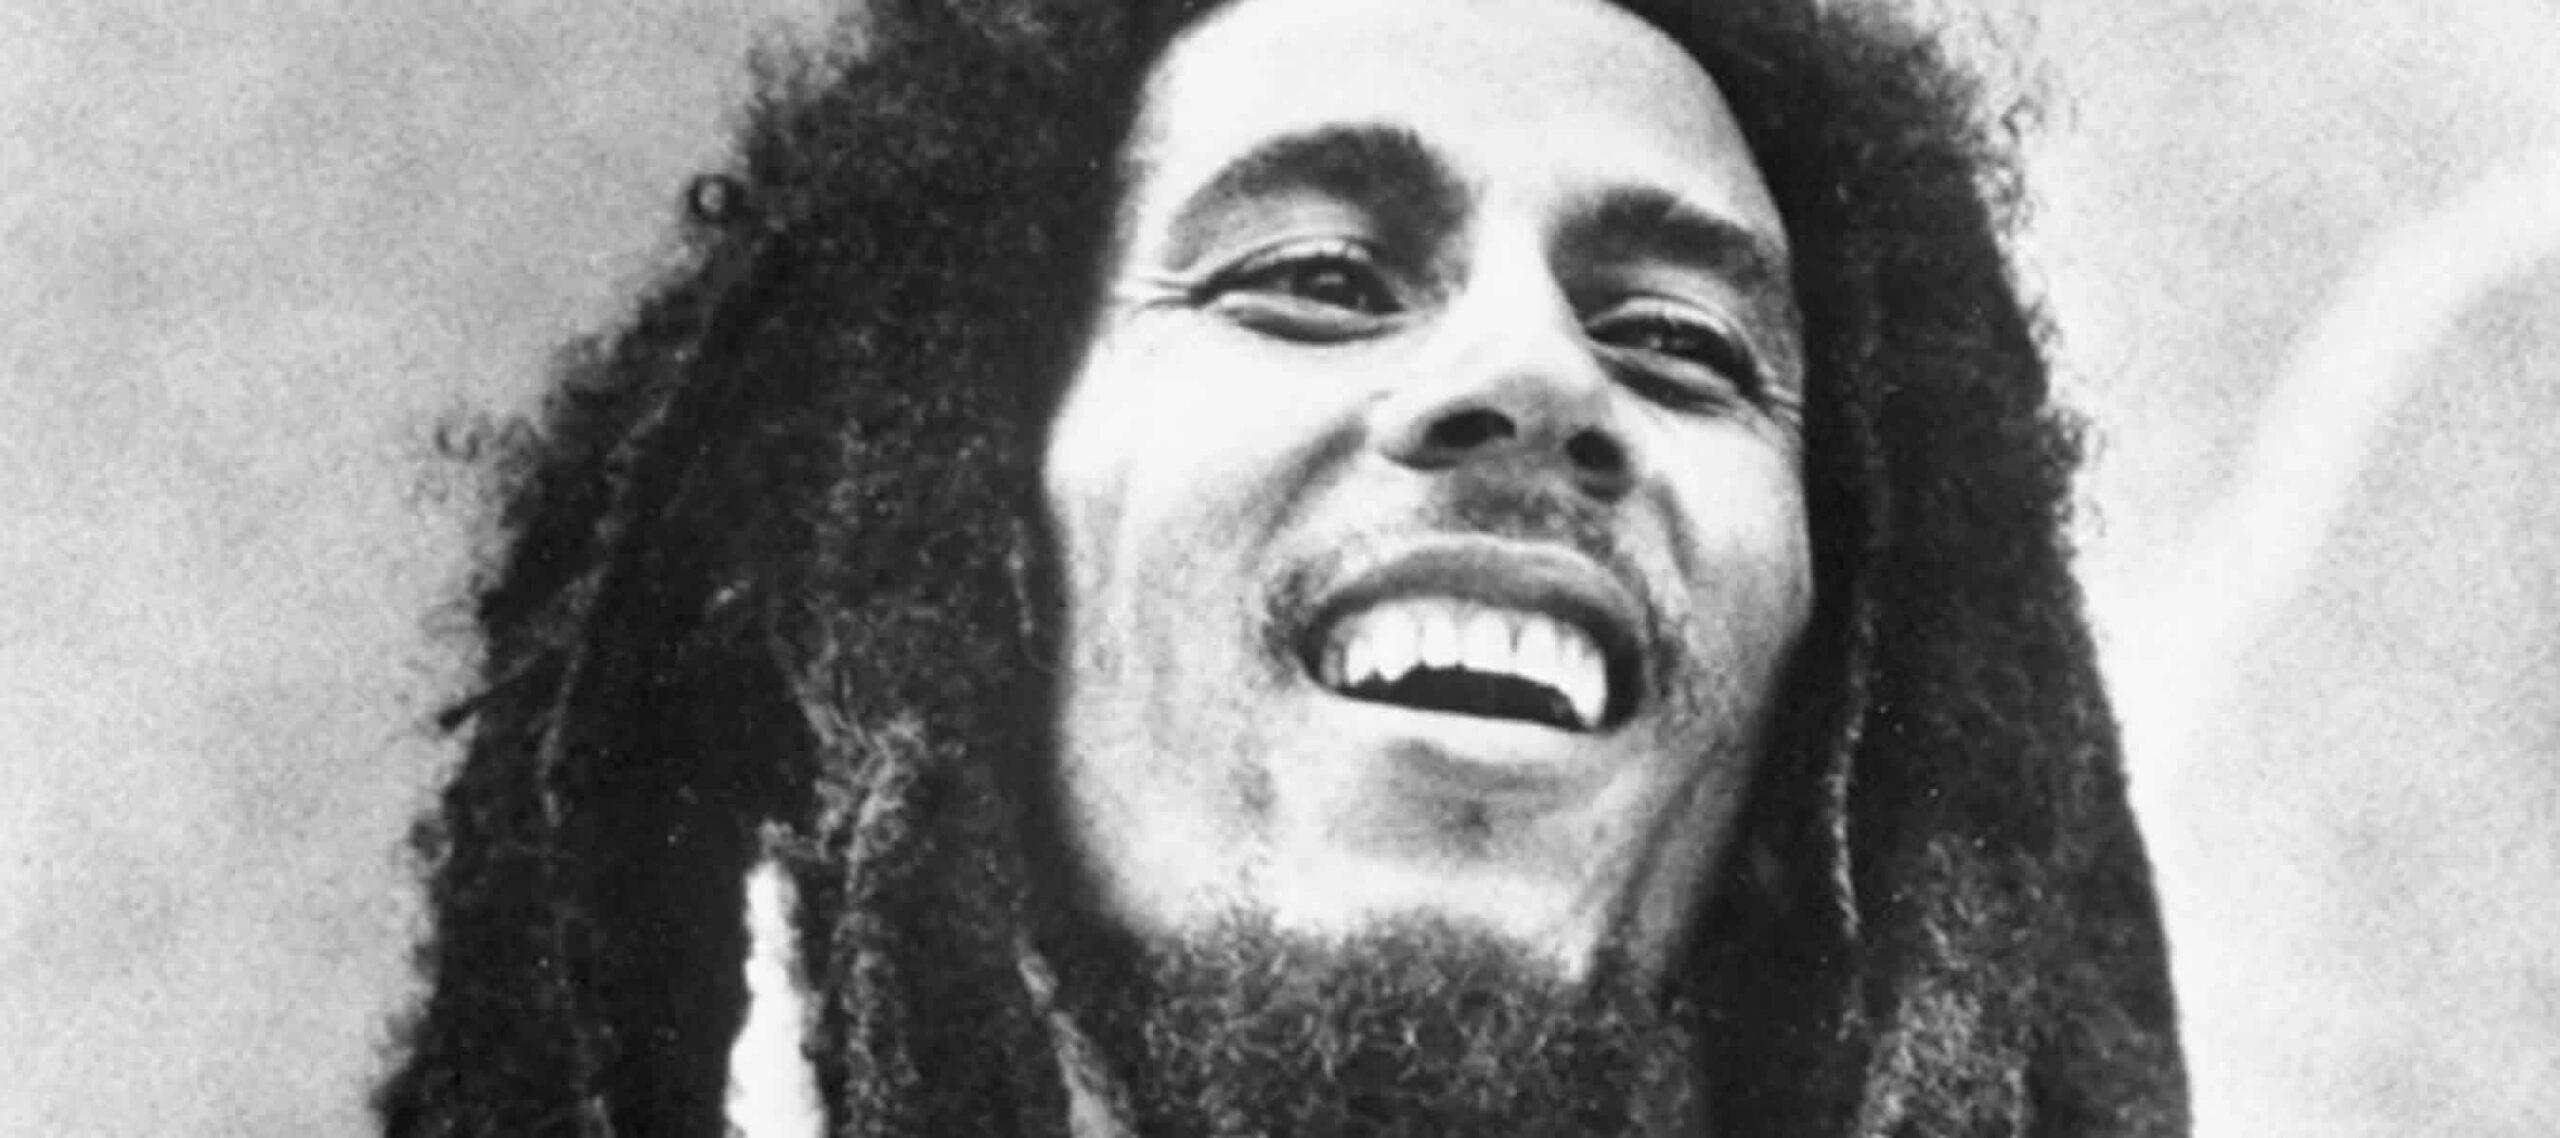 Tributo a Bob Marley - smoking molly